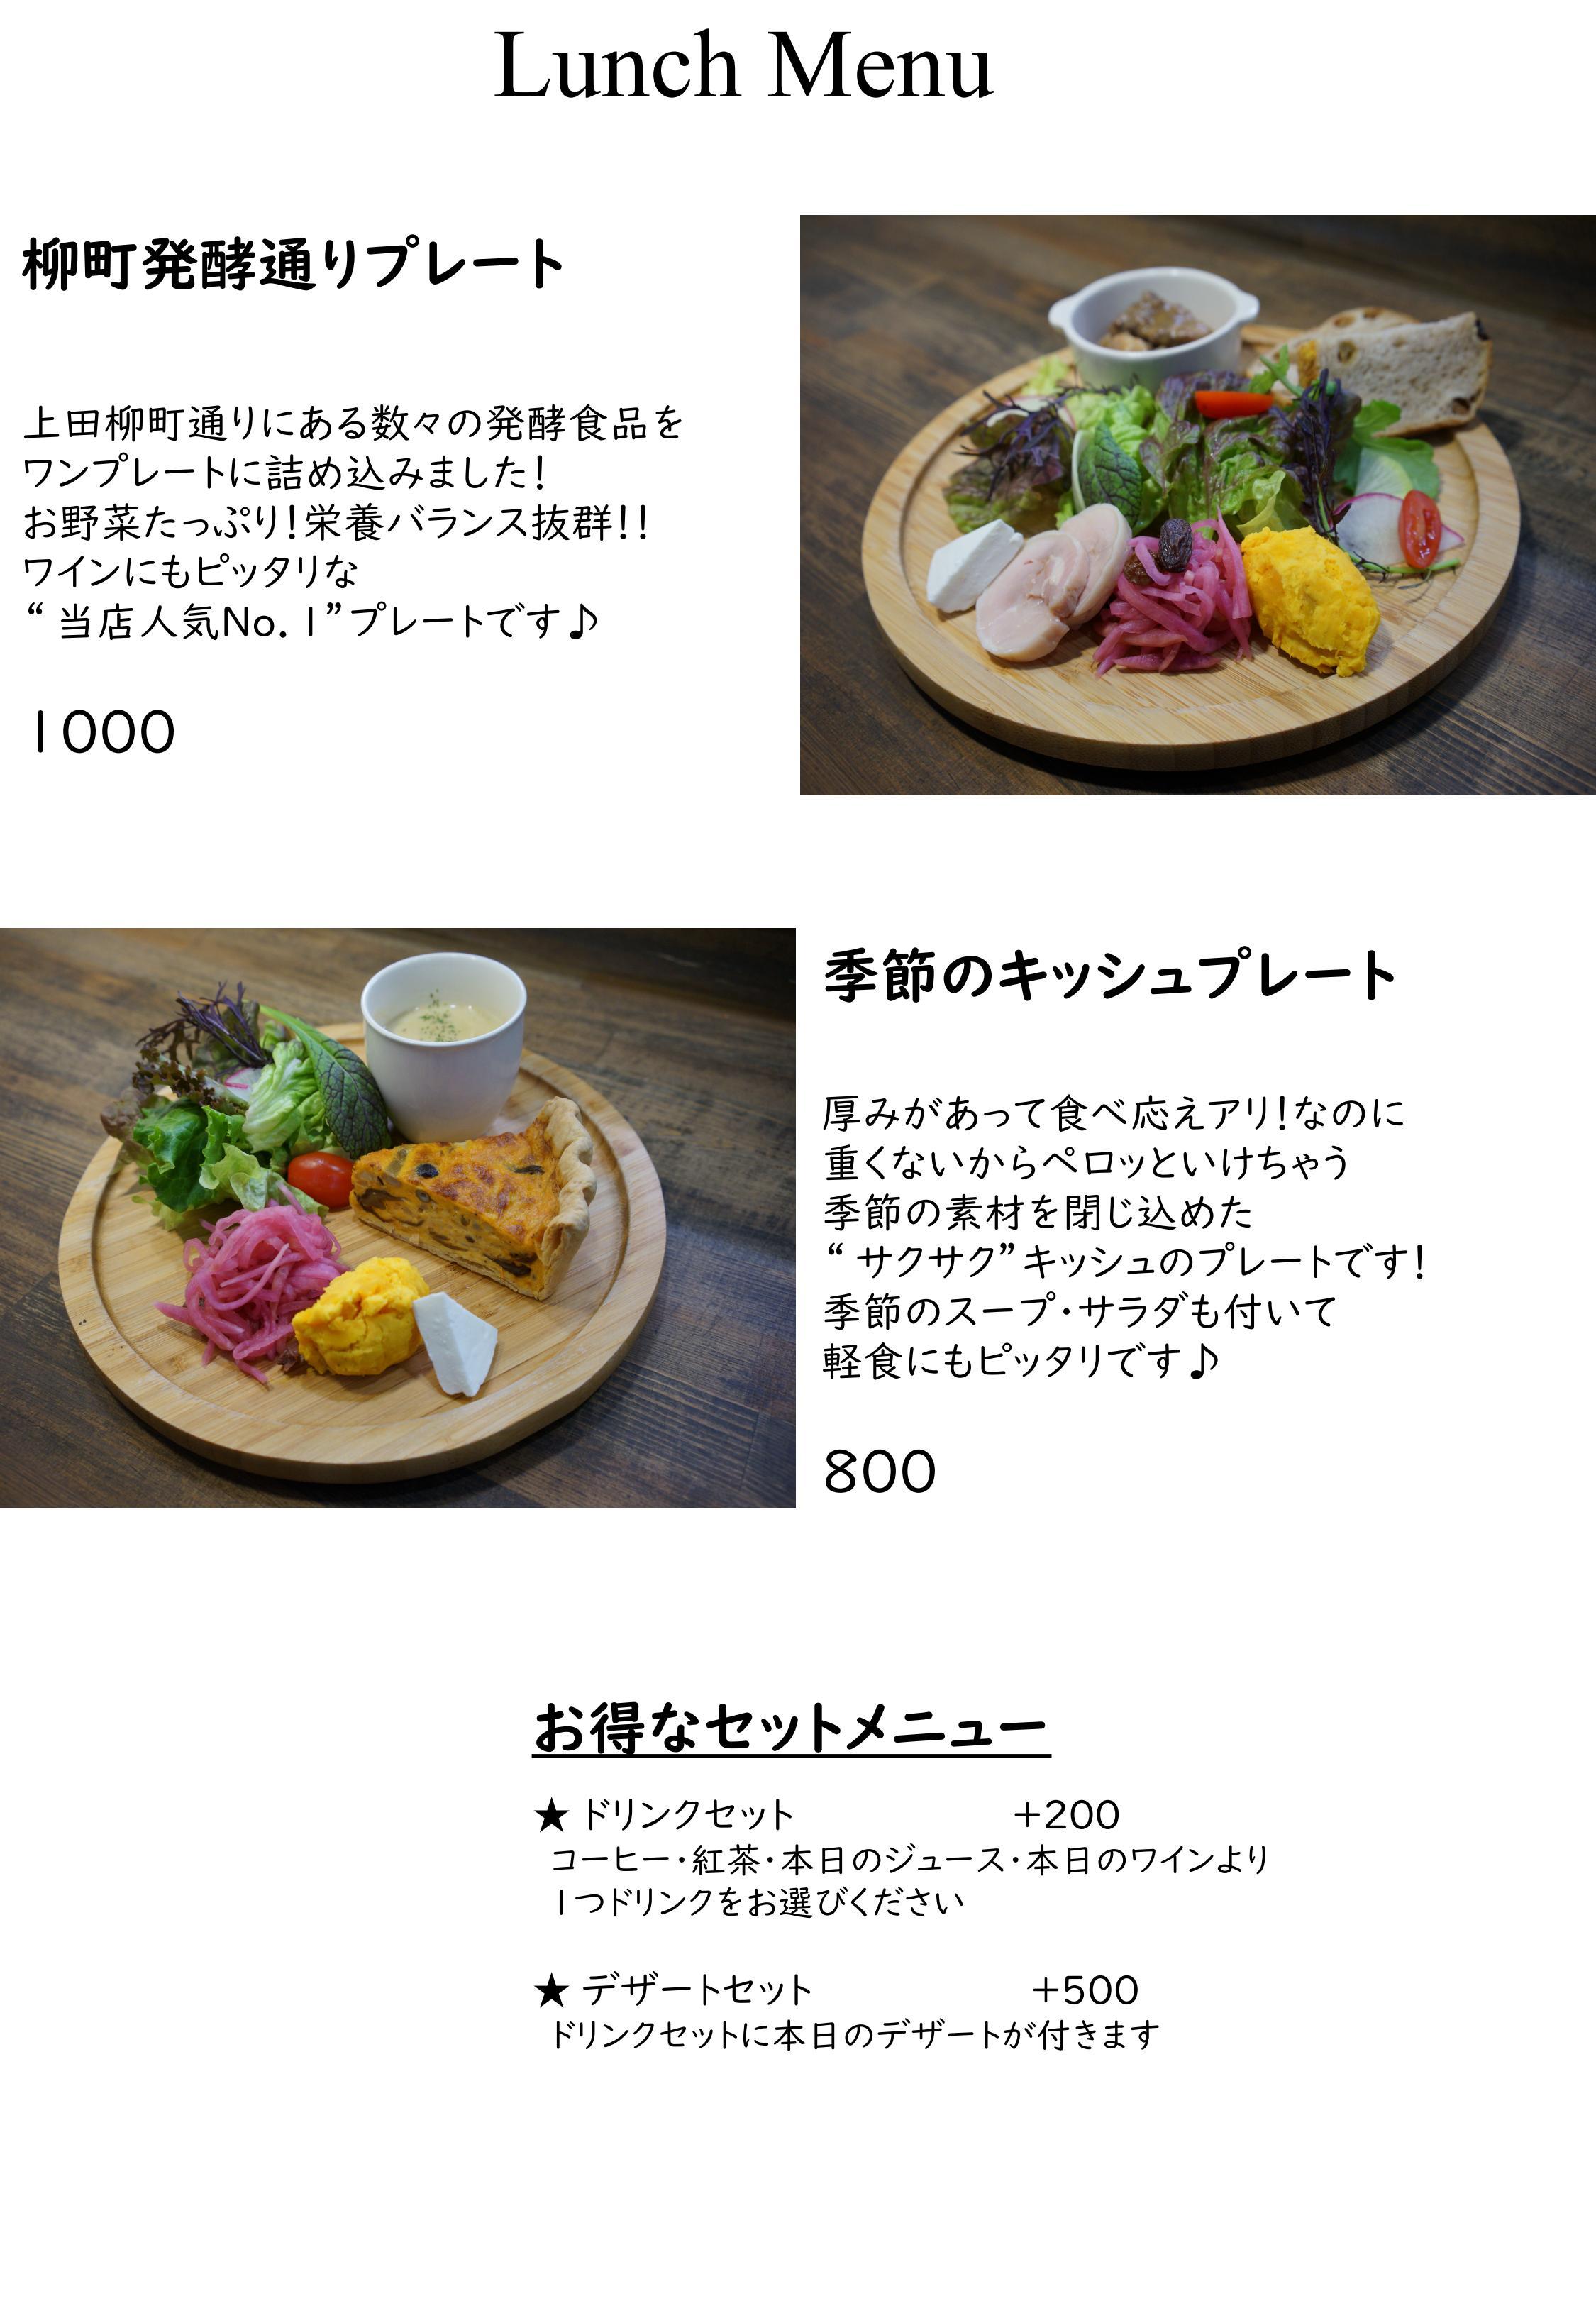 メニュー2020Jan_01.jpg